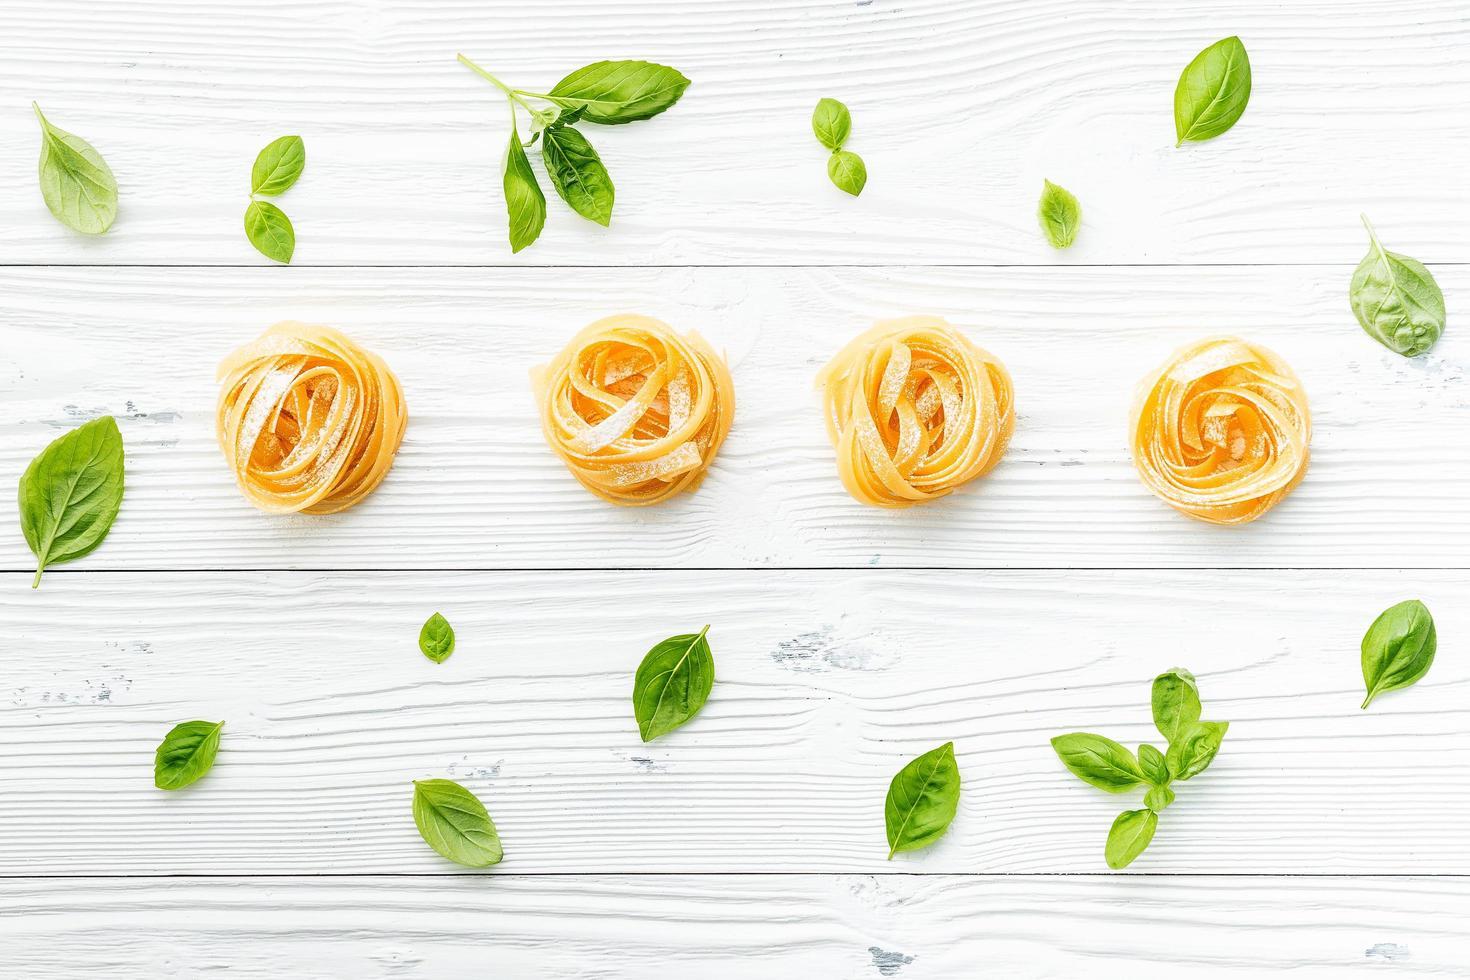 verse pasta en basilicum op een armoedige witte achtergrond foto